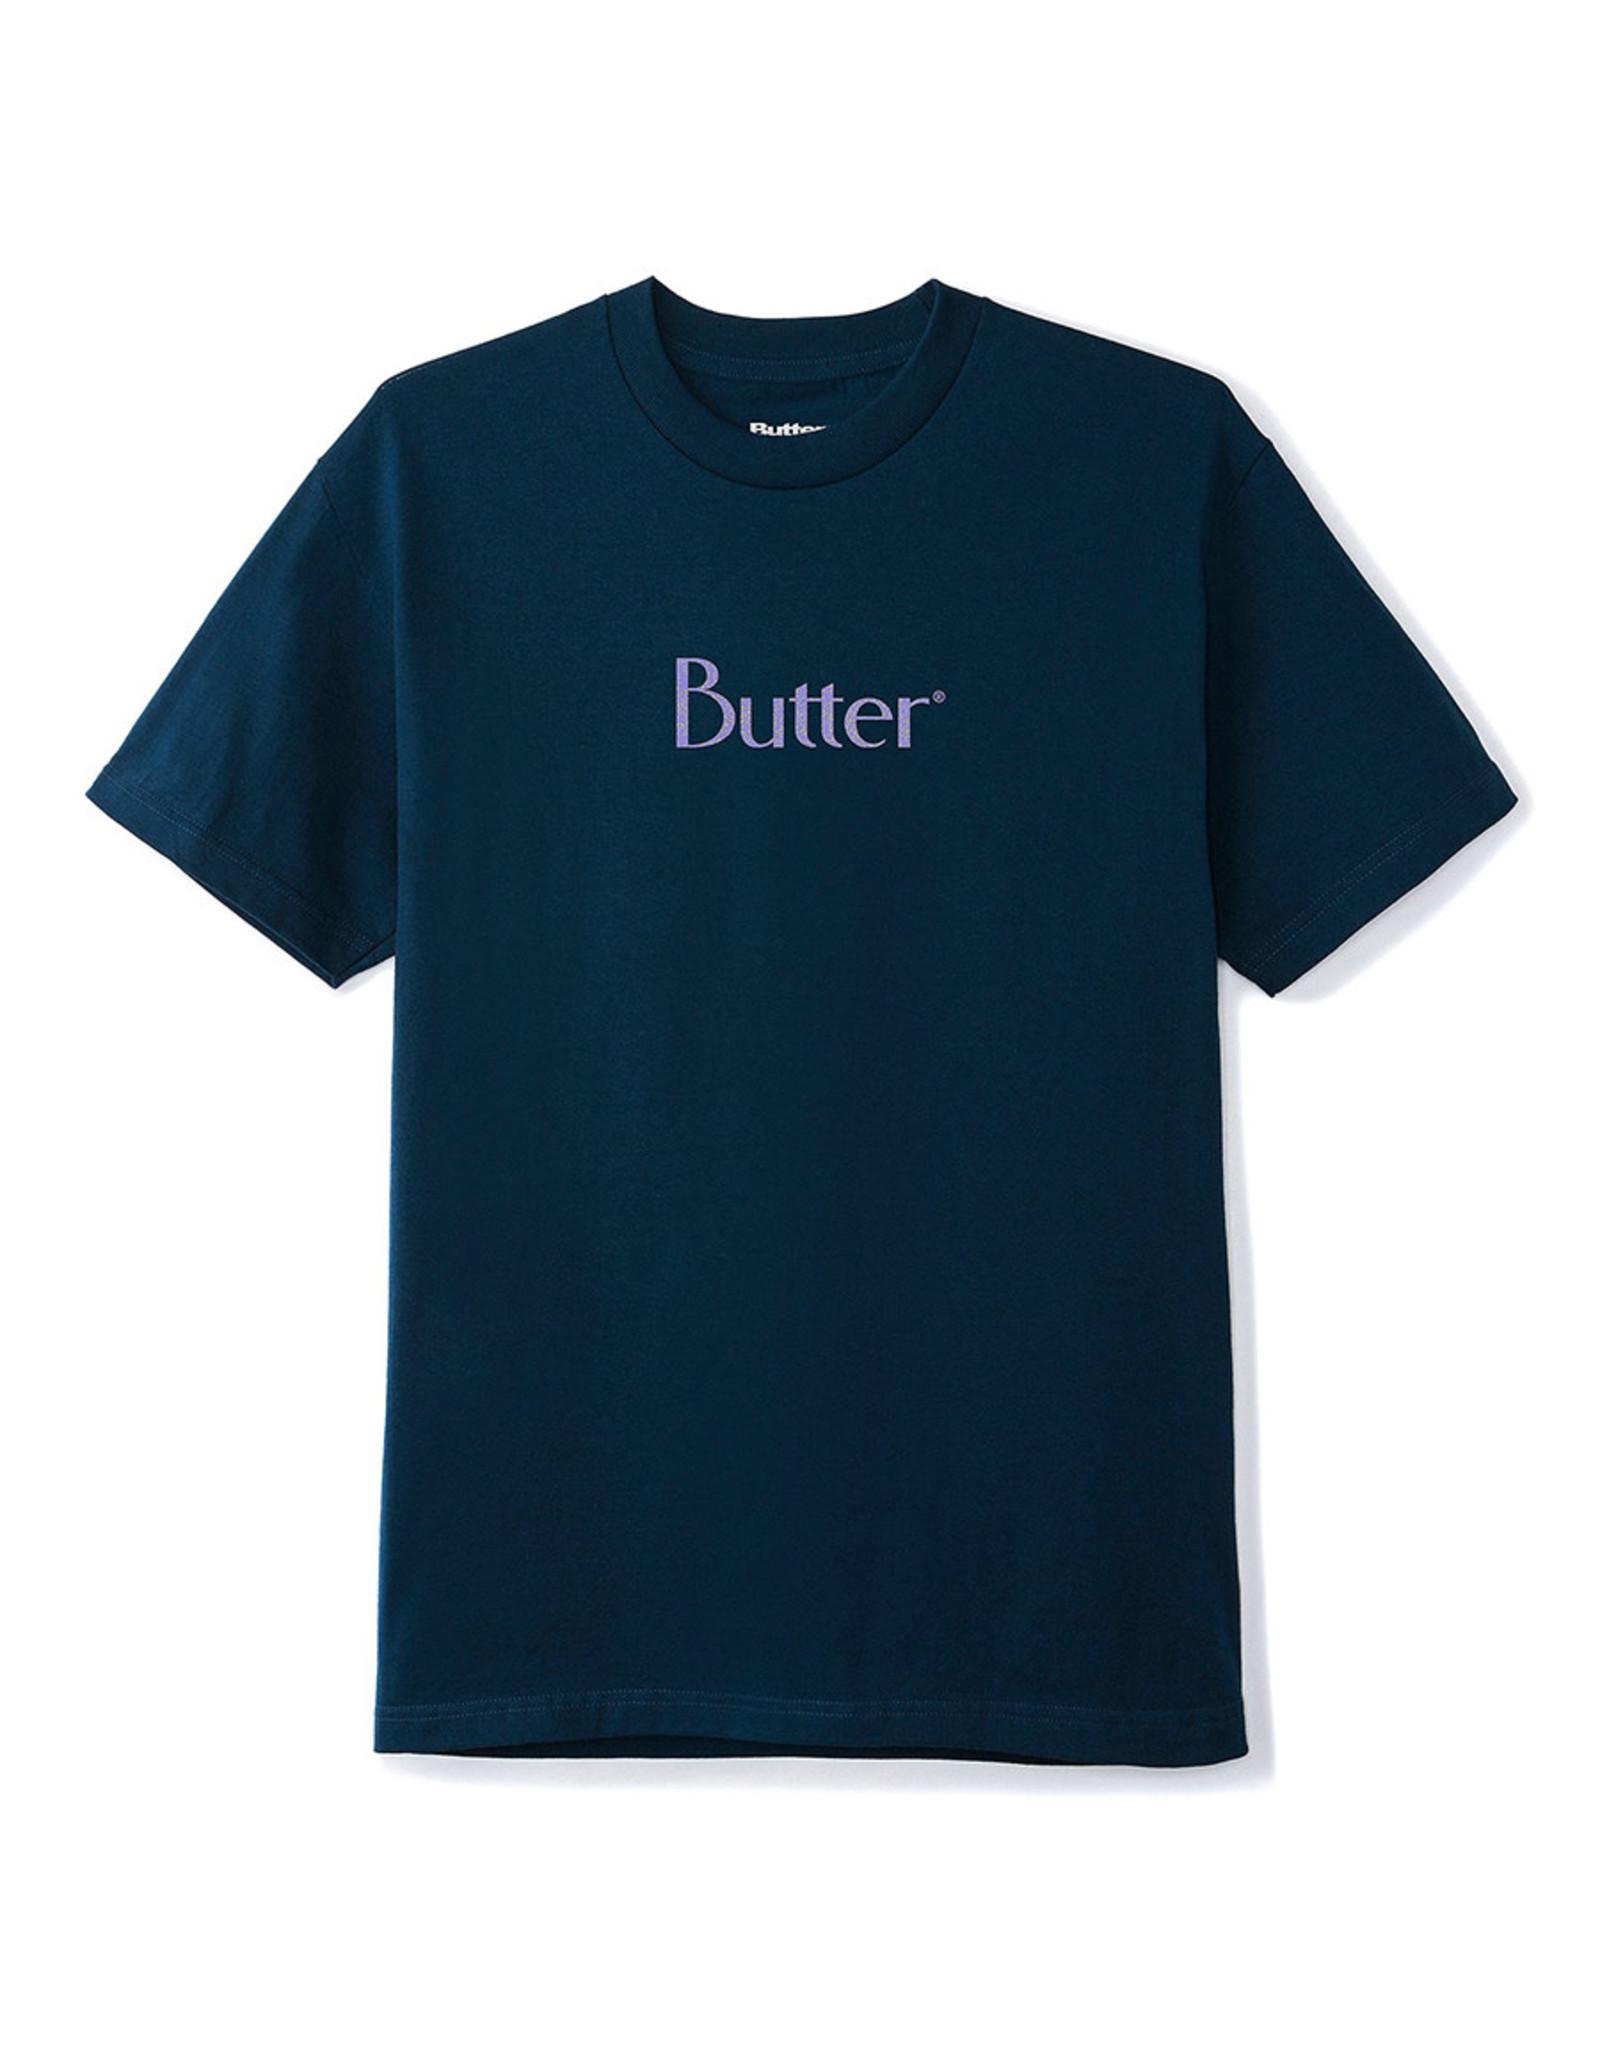 Butter Goods Butter Goods Tee Speckle Classic Logo S/S (Navy)